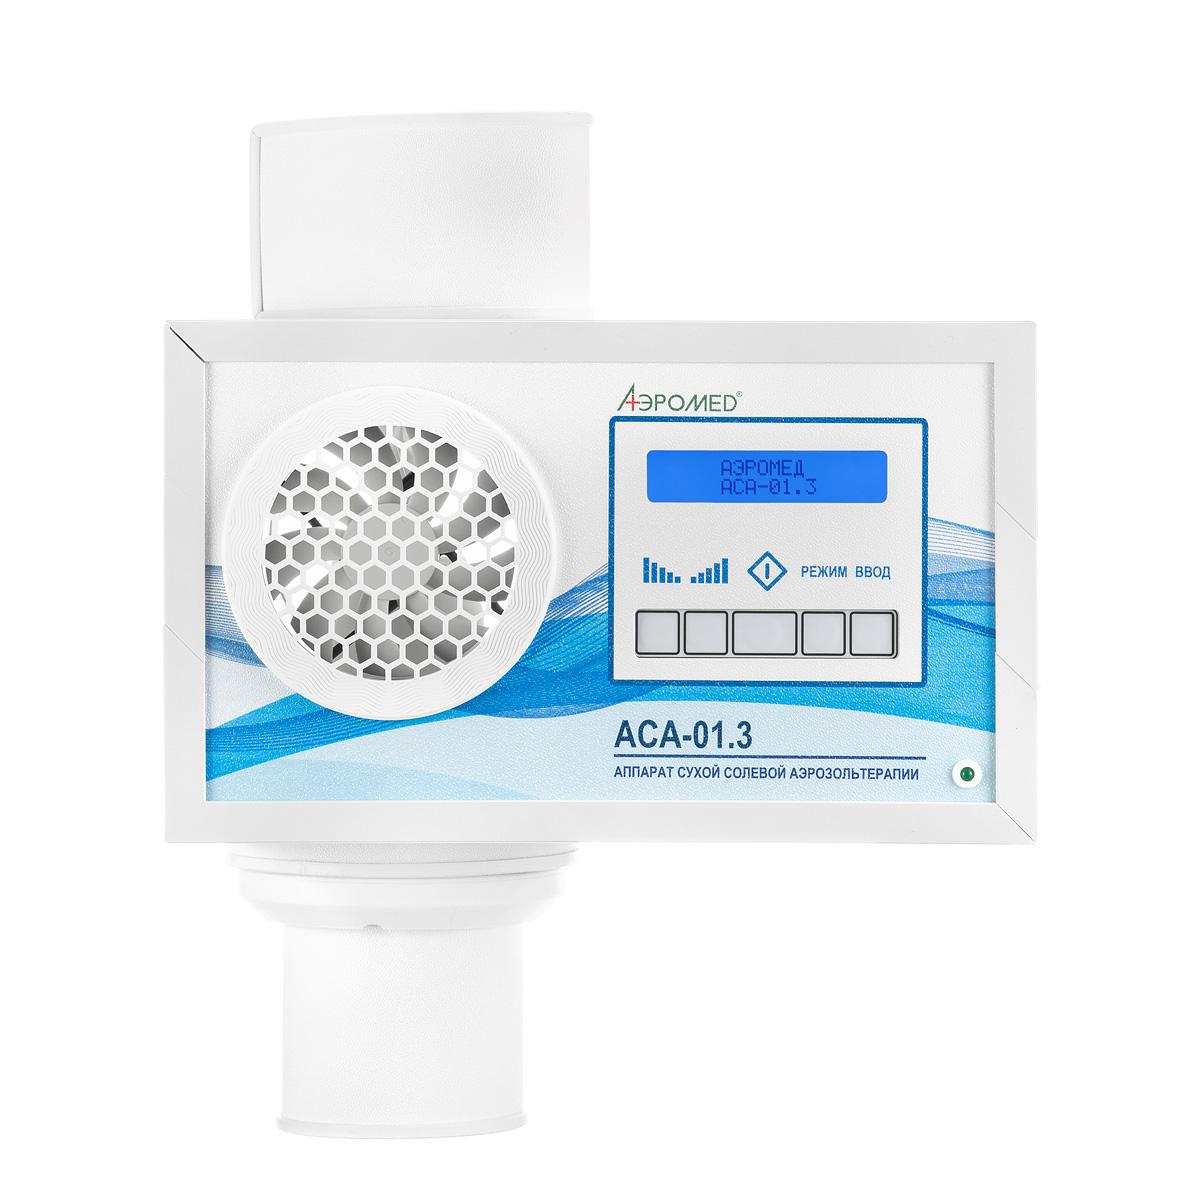 Галогенератор АСА-01.3 (ГалоПрима)